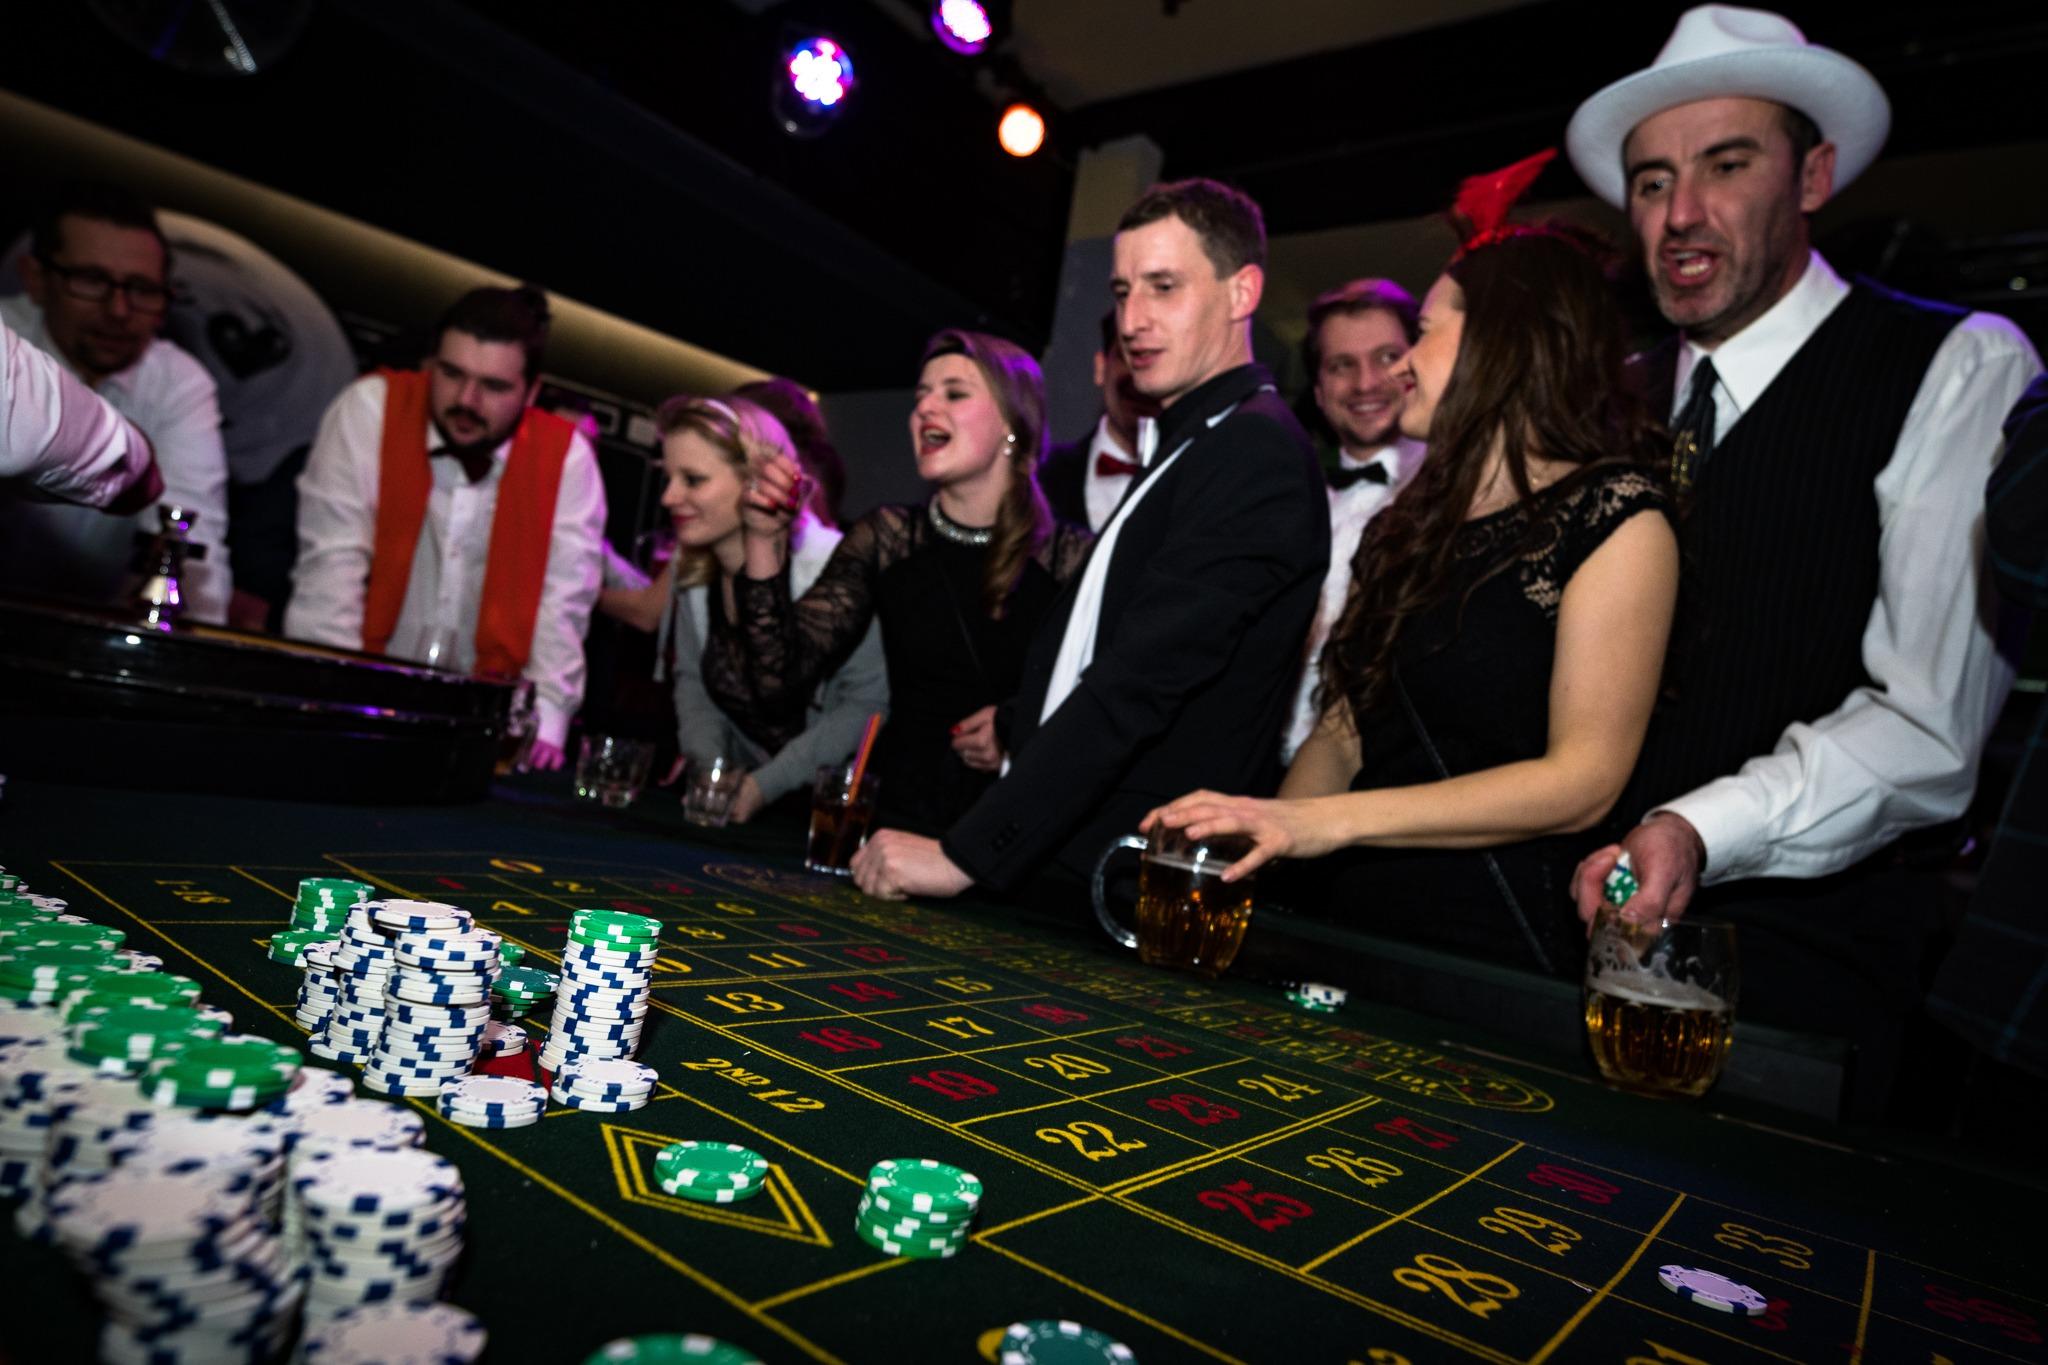 idé při hře mobilní casino